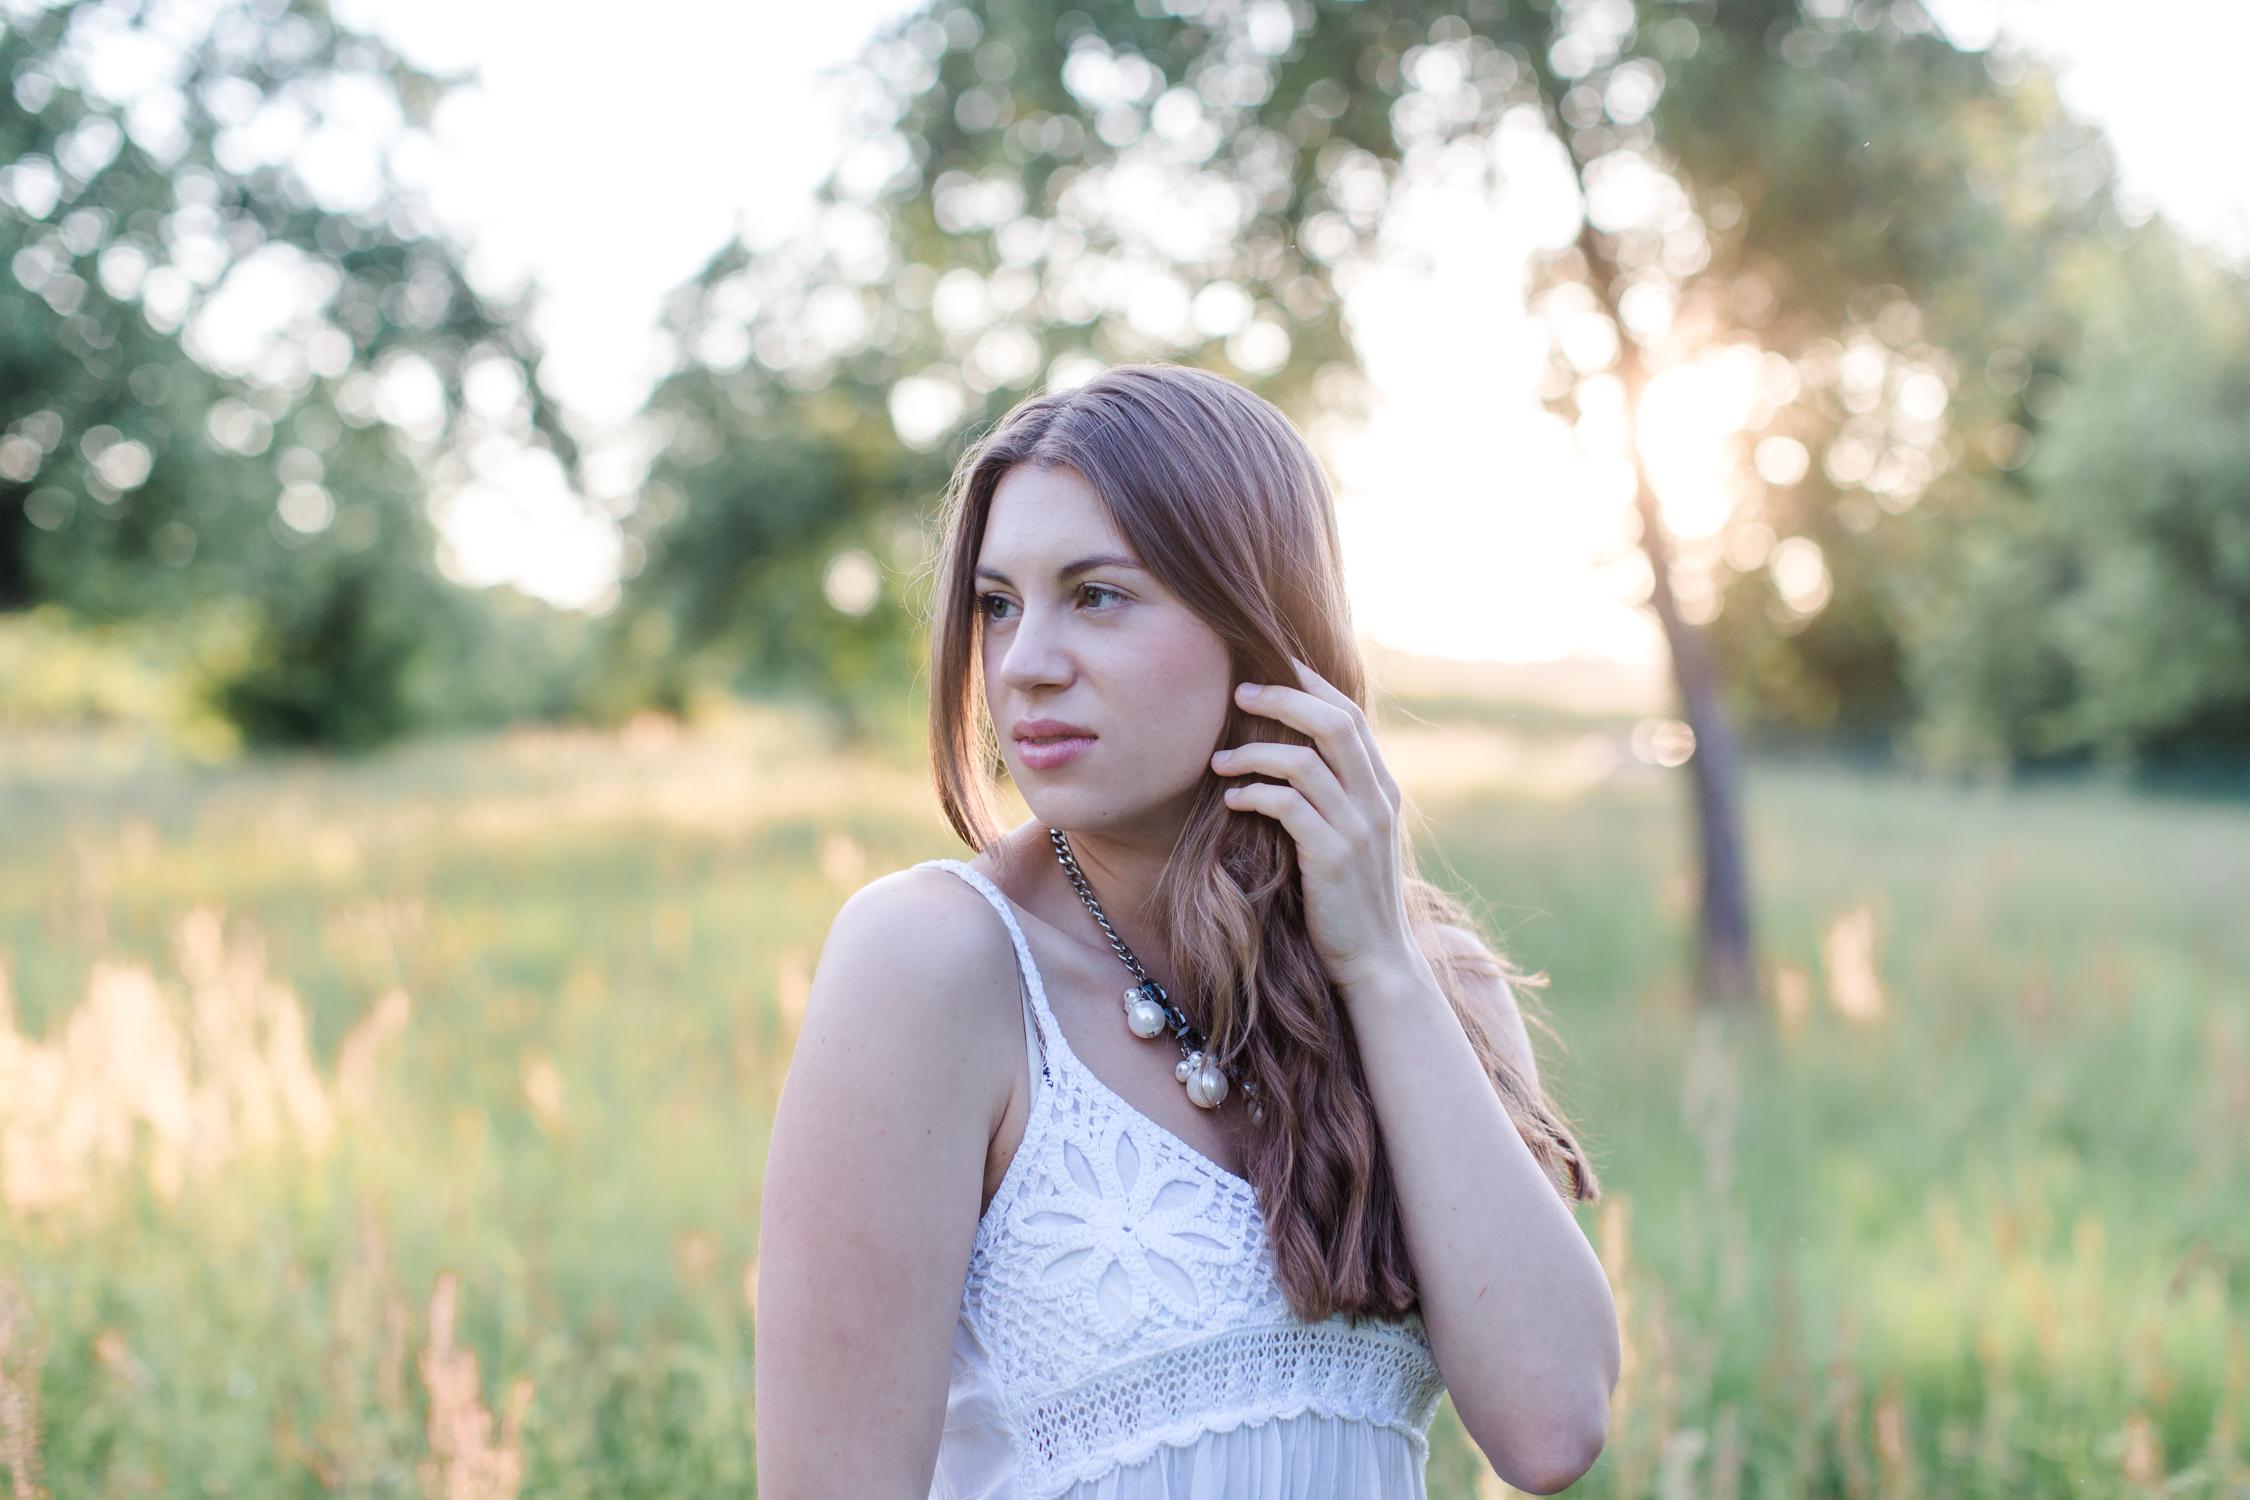 Silvy_MomentsFotodesign-33